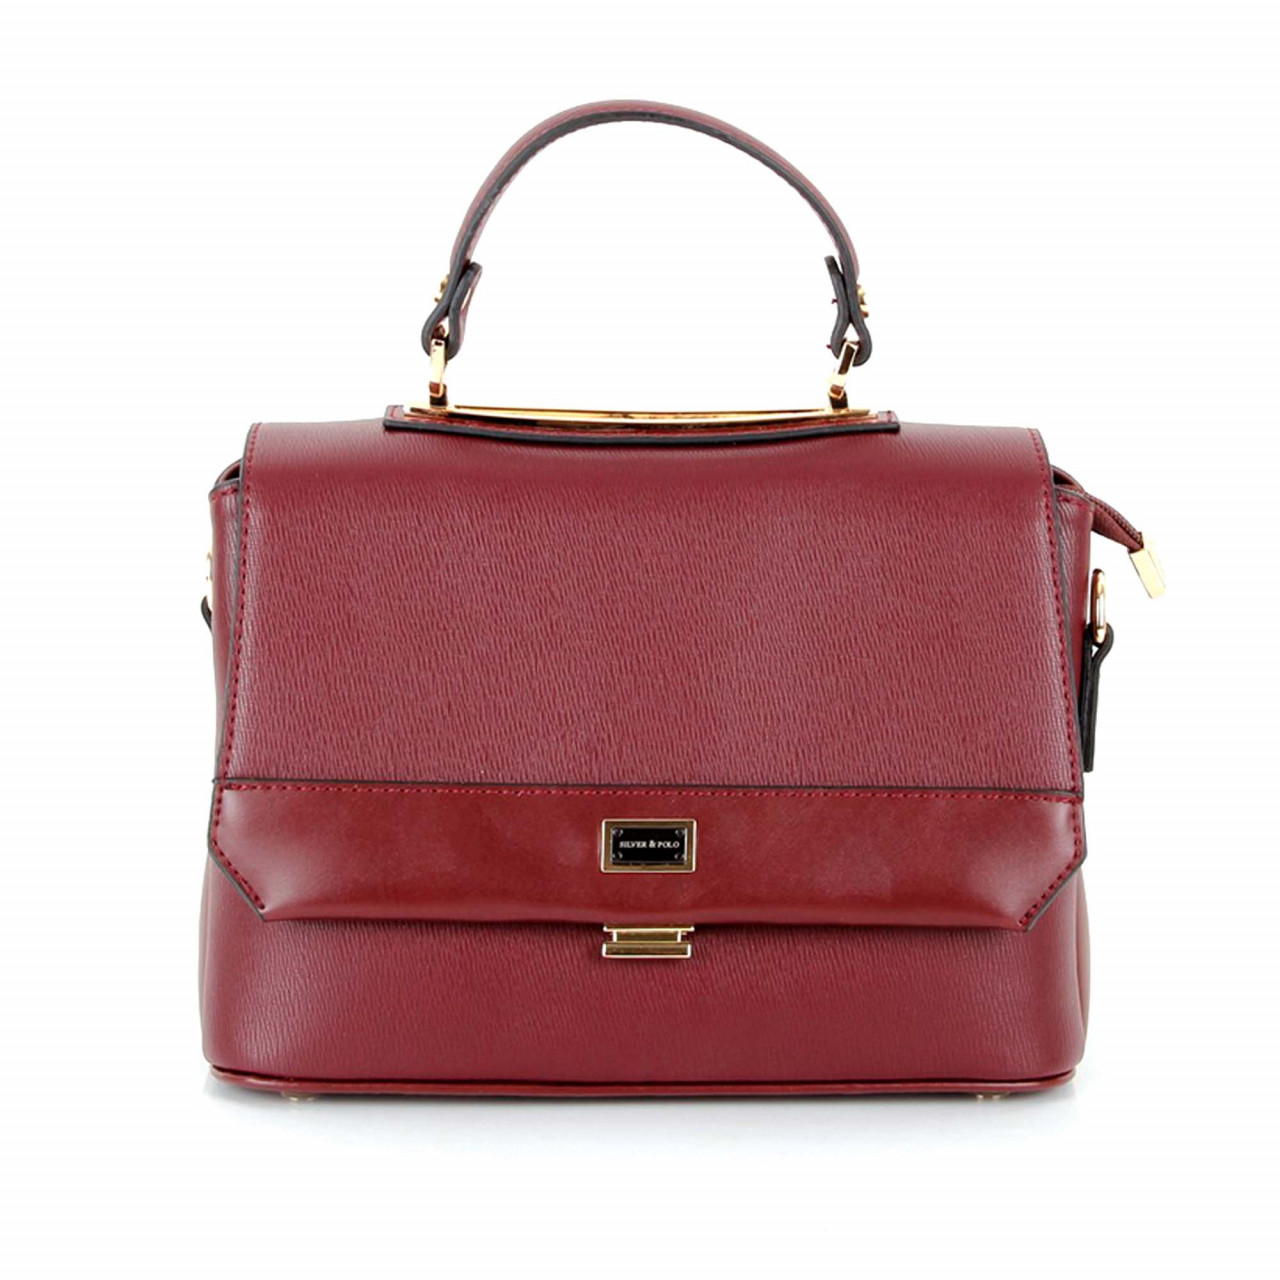 Малка дамска чанта с ръчна дръжка в бордо